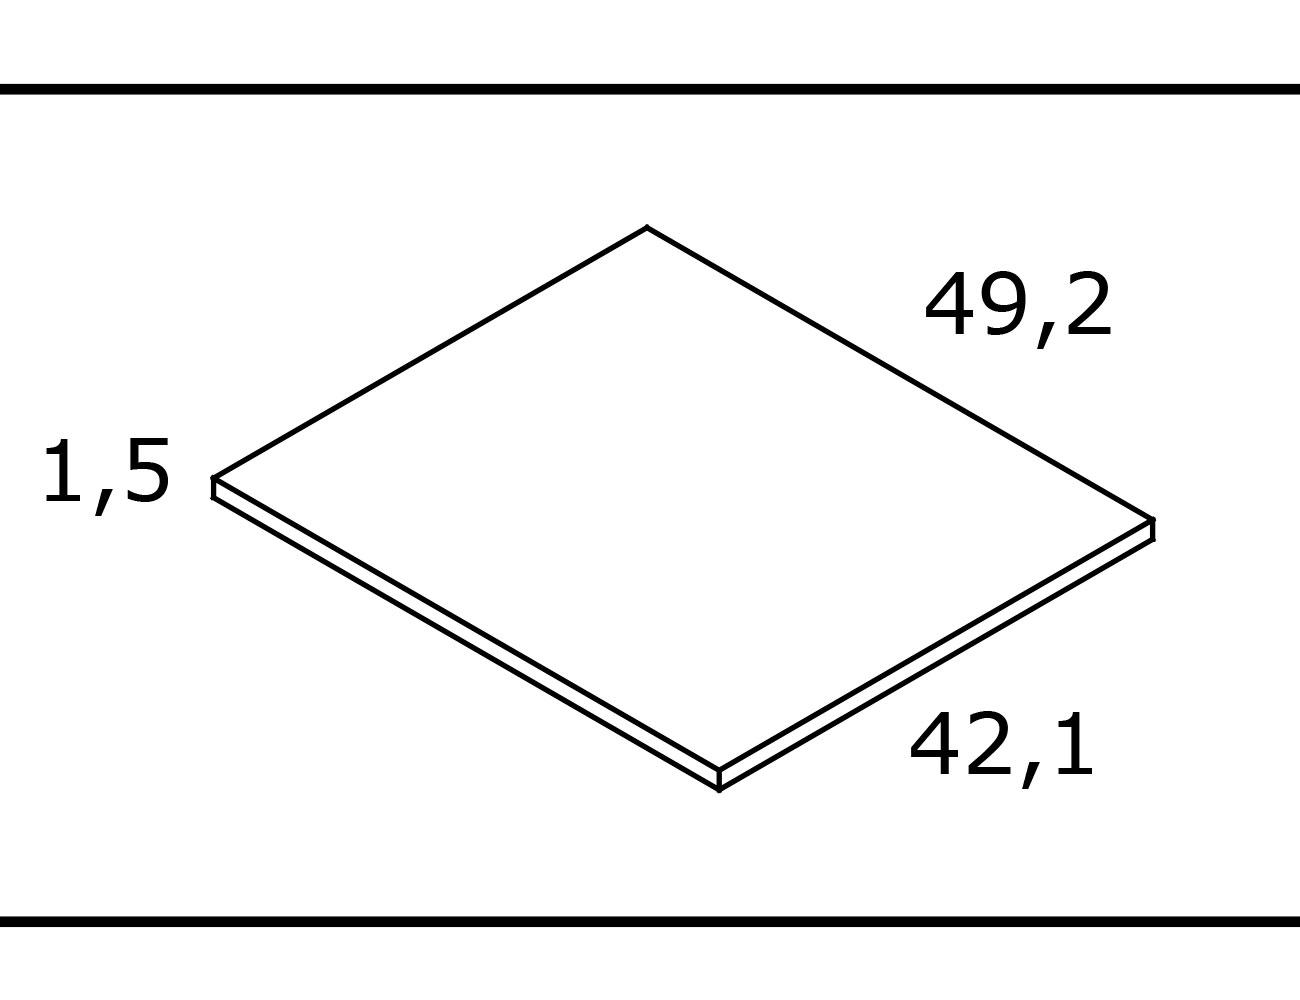 Cnx146